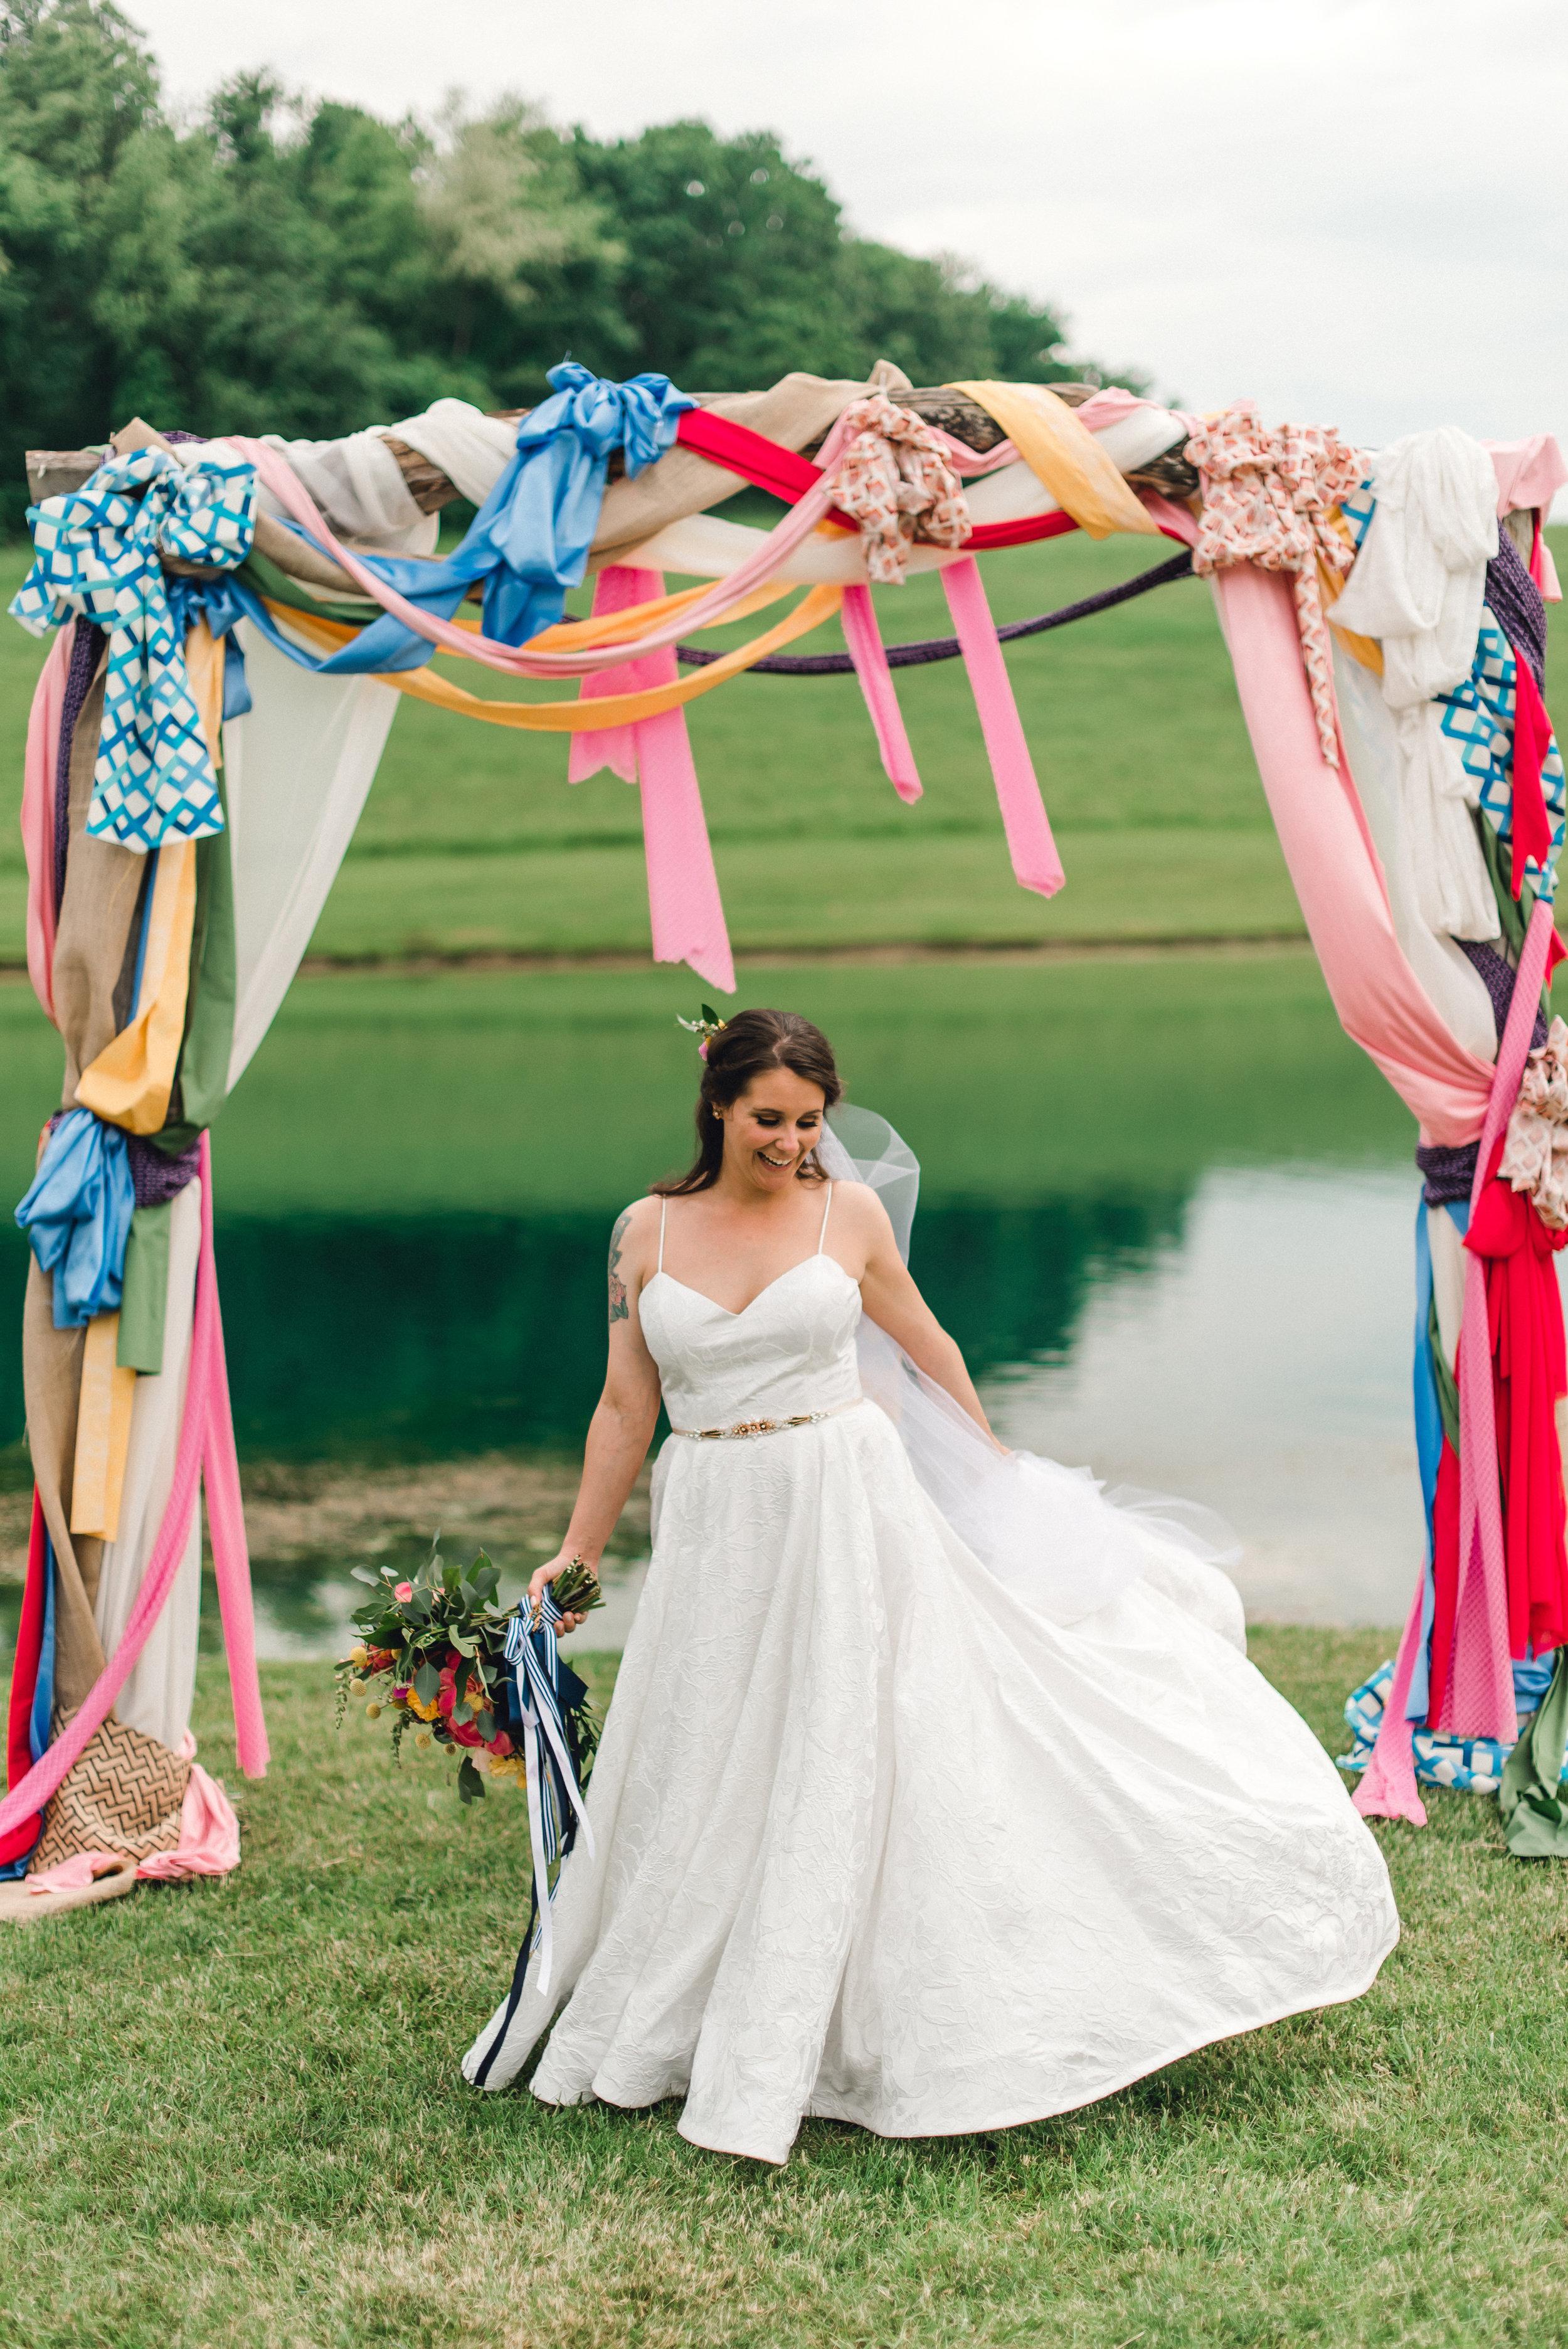 pittsburgh-wedding-bramblewood-farm-barn-wes-anderson-0032.jpg